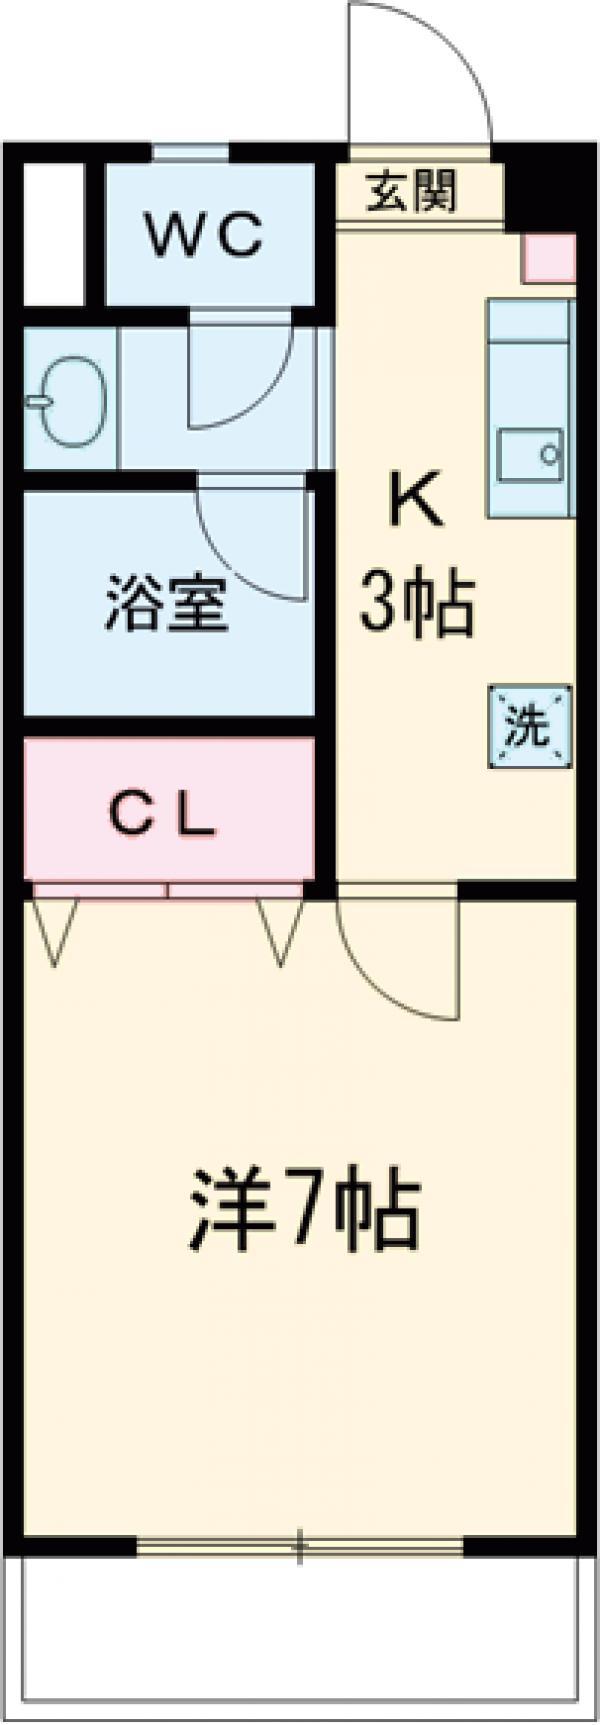 丹木田口ビル・305号室の間取り